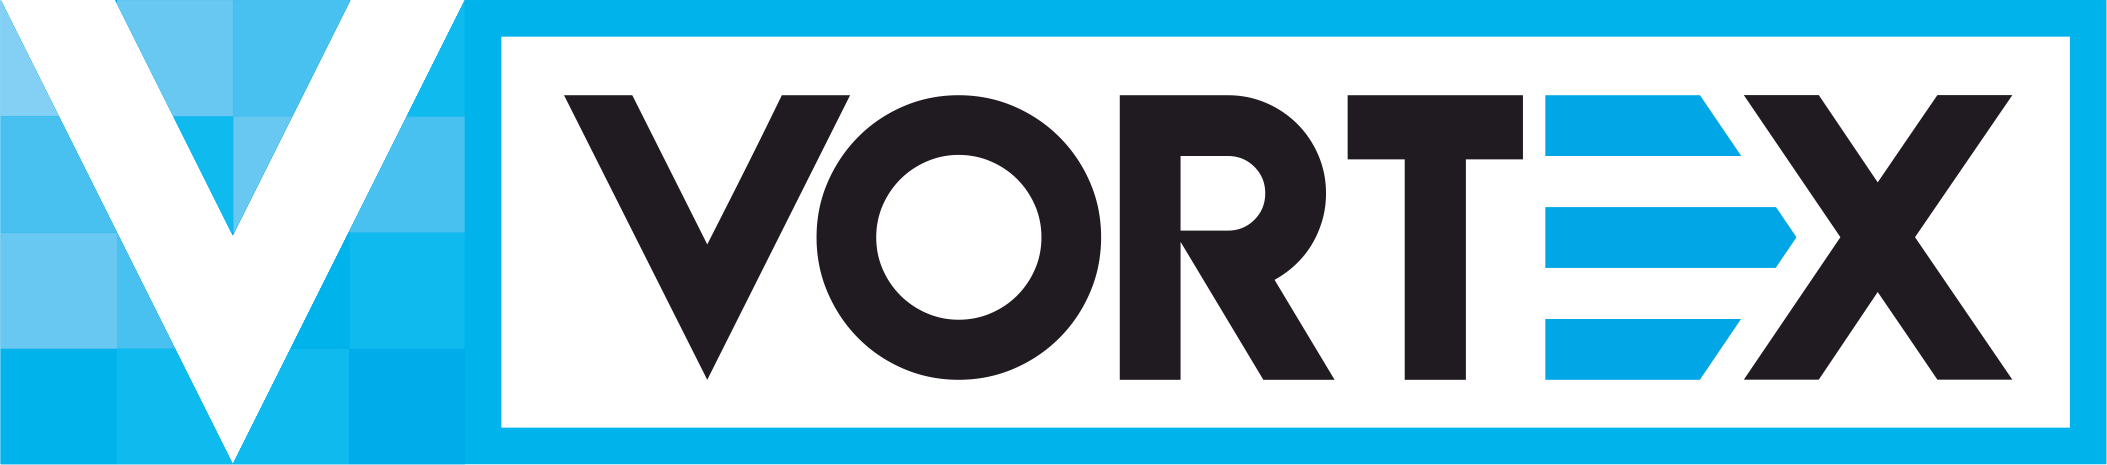 Логотип Вортекс